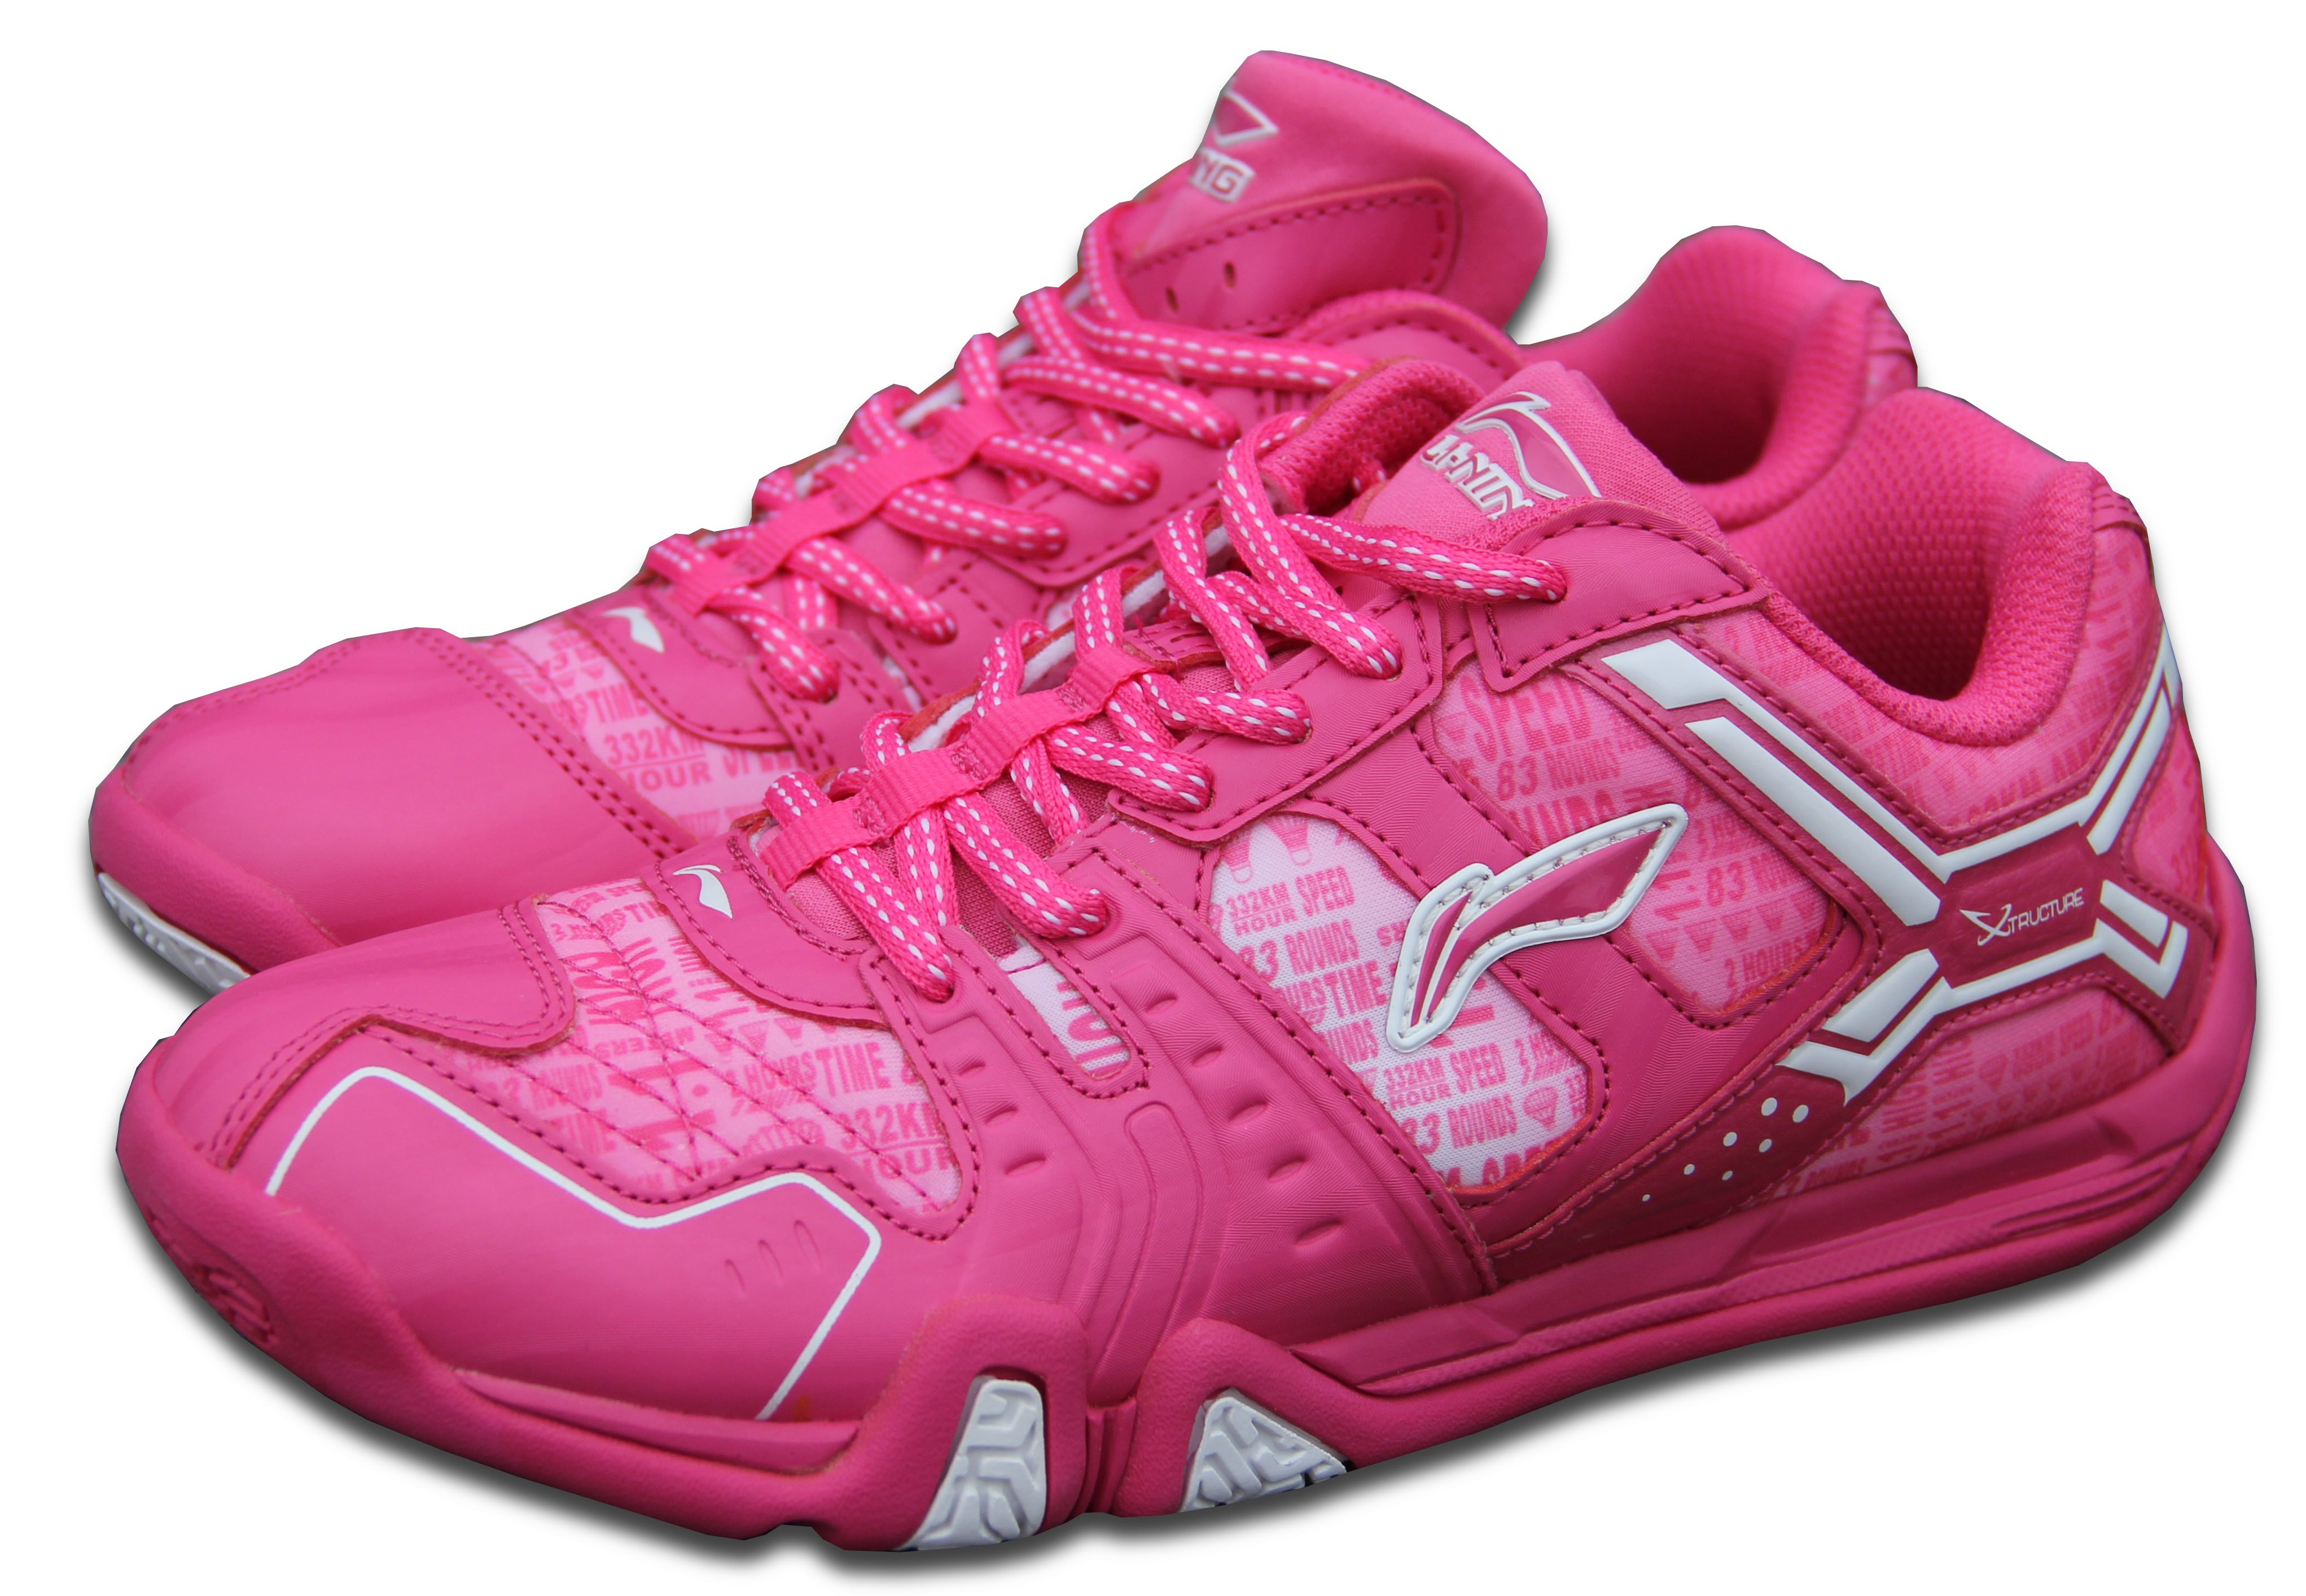 LI-NING Metall X STORM II, Flash Pink, Dámská sálová obuv Velikost: 5 USw, (EUR 35, délka stélky 215mm)